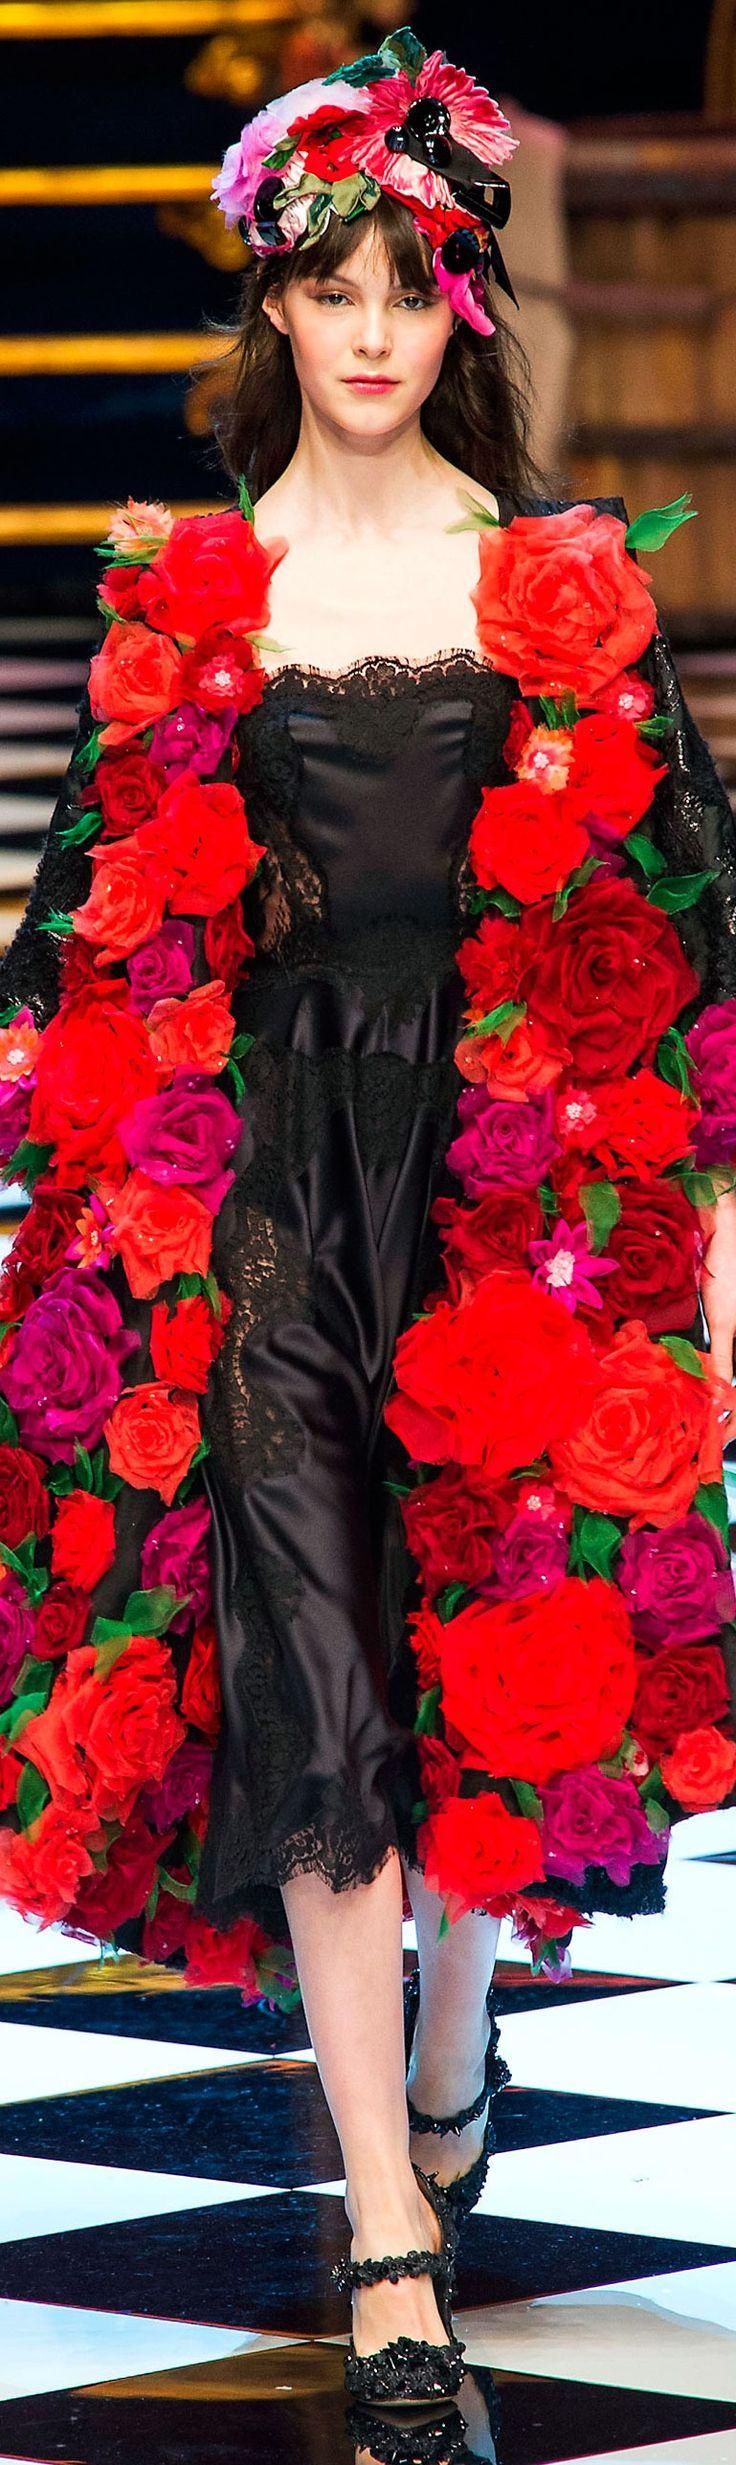 Dolce and Gabbana fall 2016 RTW ✨ ʈɦҽ ƥᎧɲɖ ❤ﻸ•·˙❤•·˙ﻸ❤   ᘡℓvᘠ □☆□ ❉ღ // ✧彡☀️ ●⊱❊⊰✦❁❀ ‿ ❀ ·✳︎· ☘‿ SA AUG 19 2017‿☘✨ ✤ ॐ ♕ ♚ εїз⚜✧❦♥⭐♢❃ ♦♡ ❊☘нανє α ηι¢є ∂αу ☘❊ ღ 彡✦ ❁ ༺✿༻✨ ♥ ♫ ~*~ ♆❤ ☾♪♕✫ ❁ ✦●↠ ஜℓvஜ .❤ﻸ•·˙❤•·˙ﻸ❤↠ ஜℓvஜ .❤ﻸ•·˙❤•·˙ﻸ❤